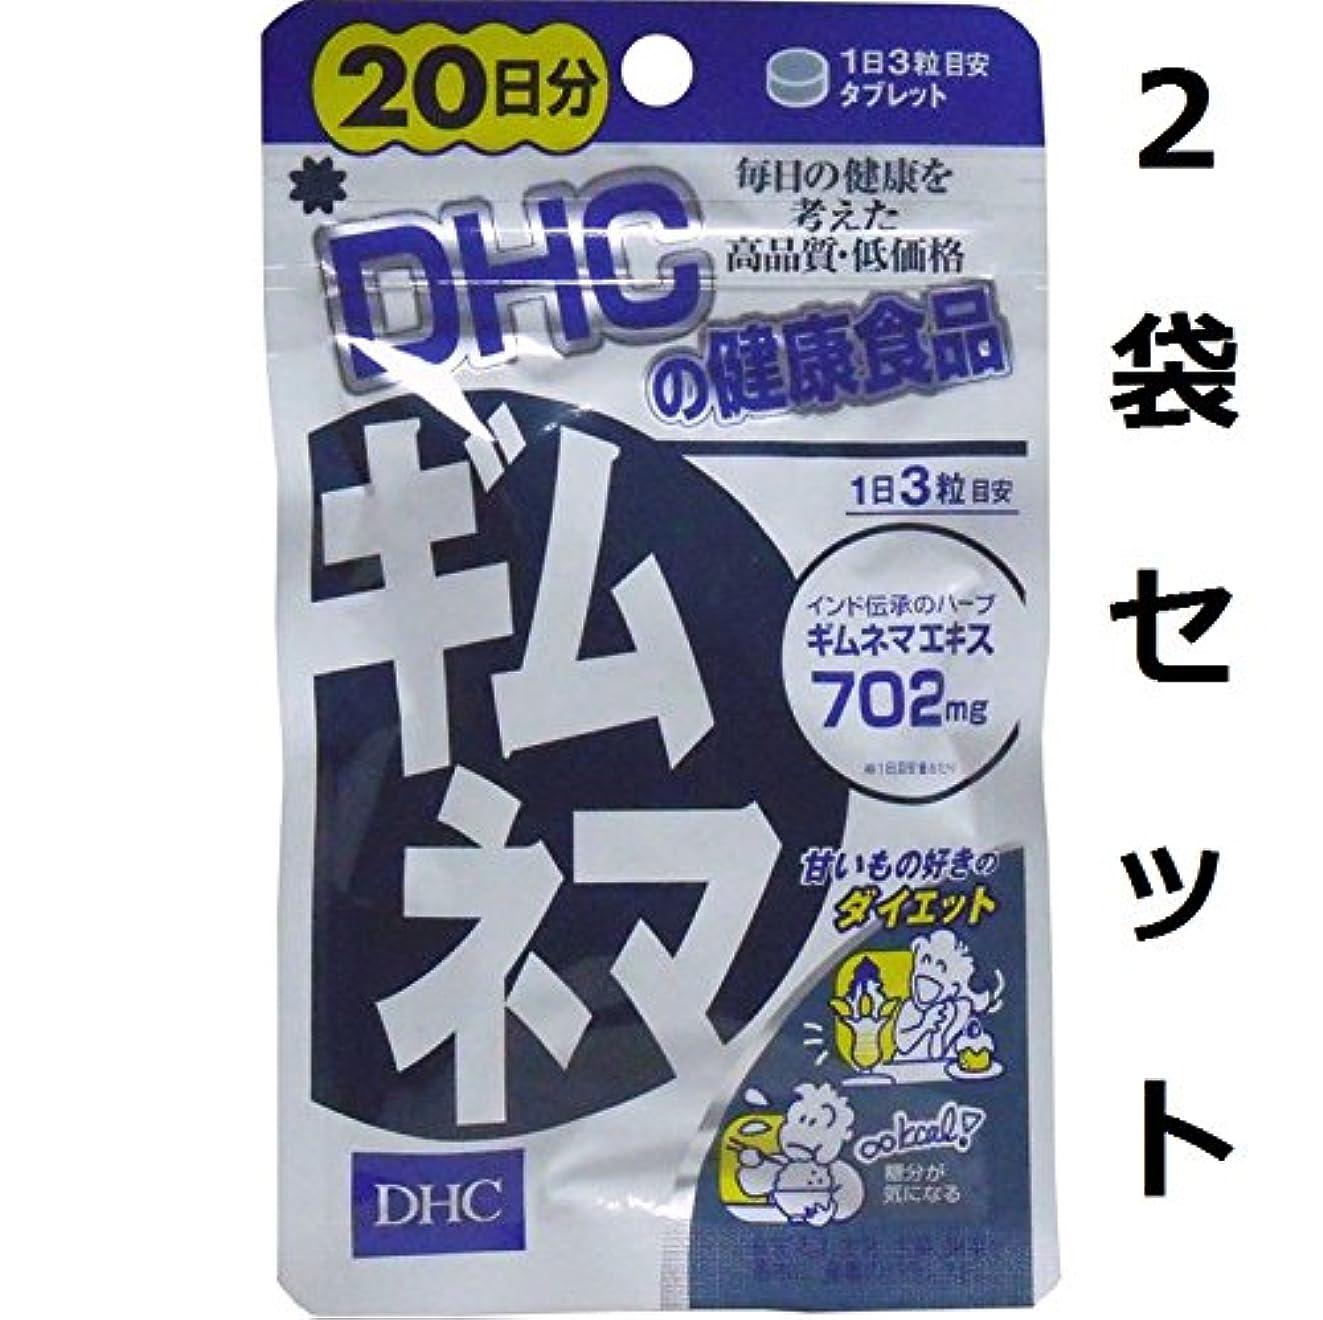 スケートプランテーションアソシエイト糖分や炭水化物を多く摂る人に DHC ギムネマ 20日分 60粒 2袋セット